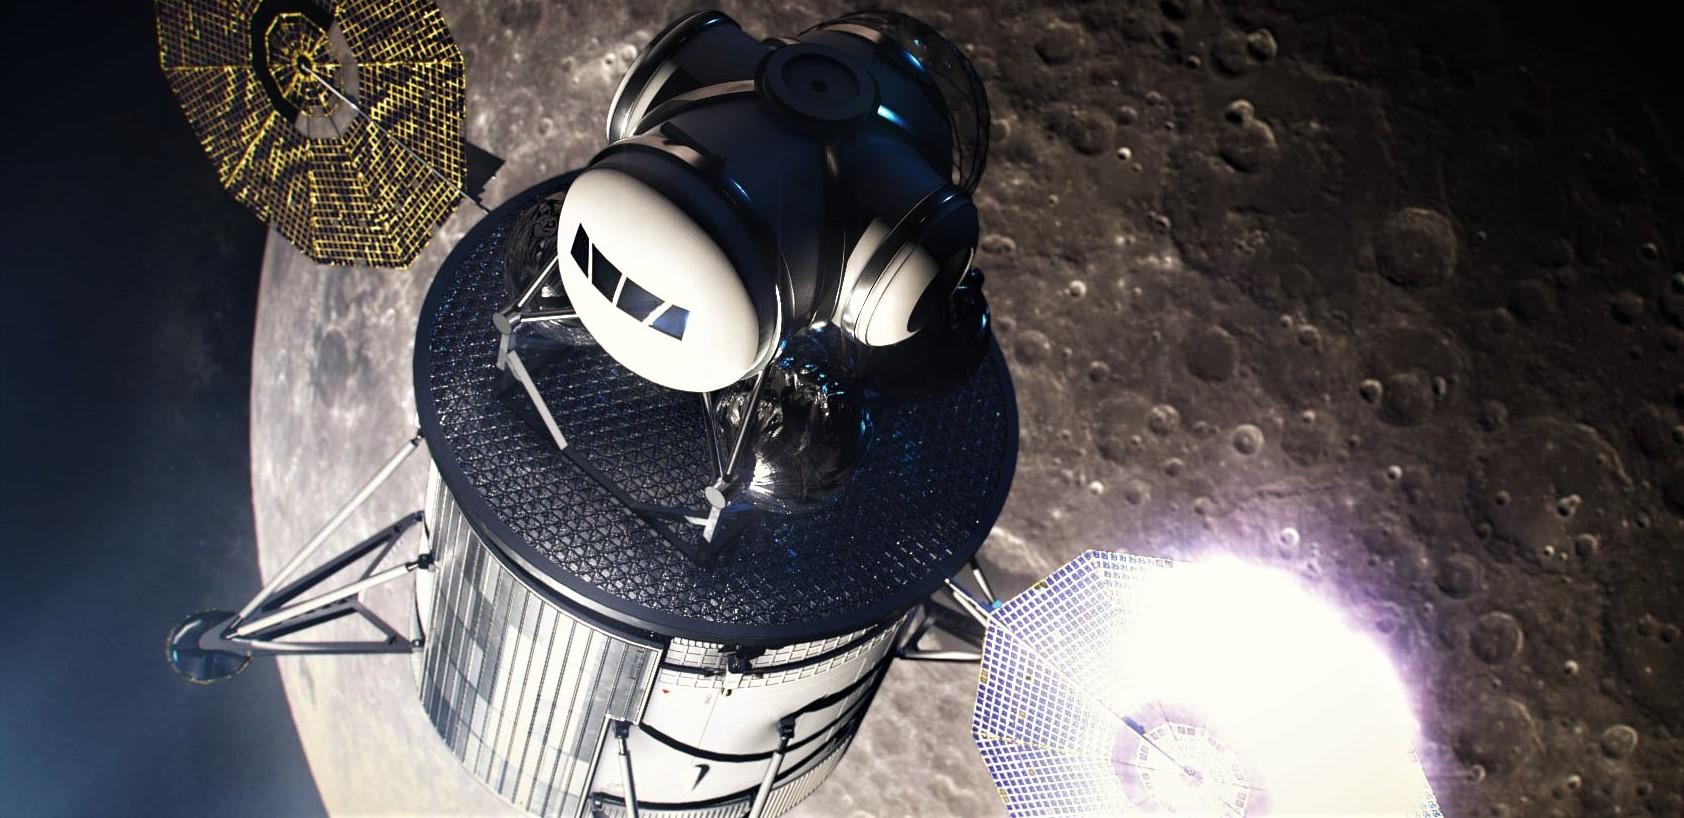 Lunar lander descent ascent stages concept (NASA) 1